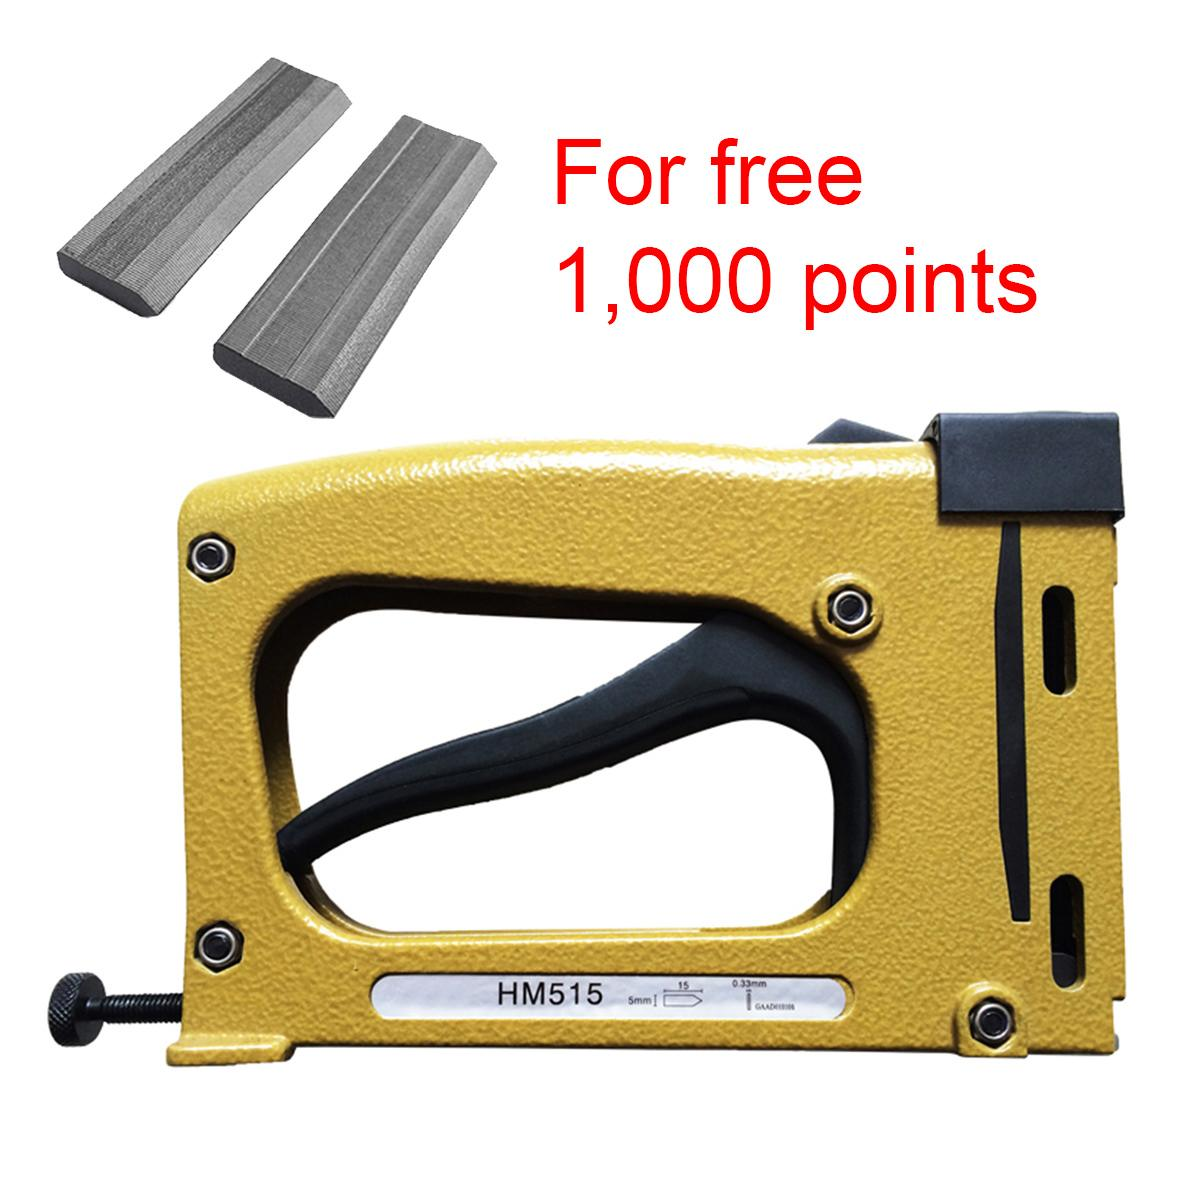 3201.86руб. 45% СКИДКА|Ручной металлический степлер для степлера, инструмент для обрамления изображений + 1000 шт. точечный степлер для степлера, прочный Набор инструментов для обрамления изображений|Детали инструментов| |  - AliExpress